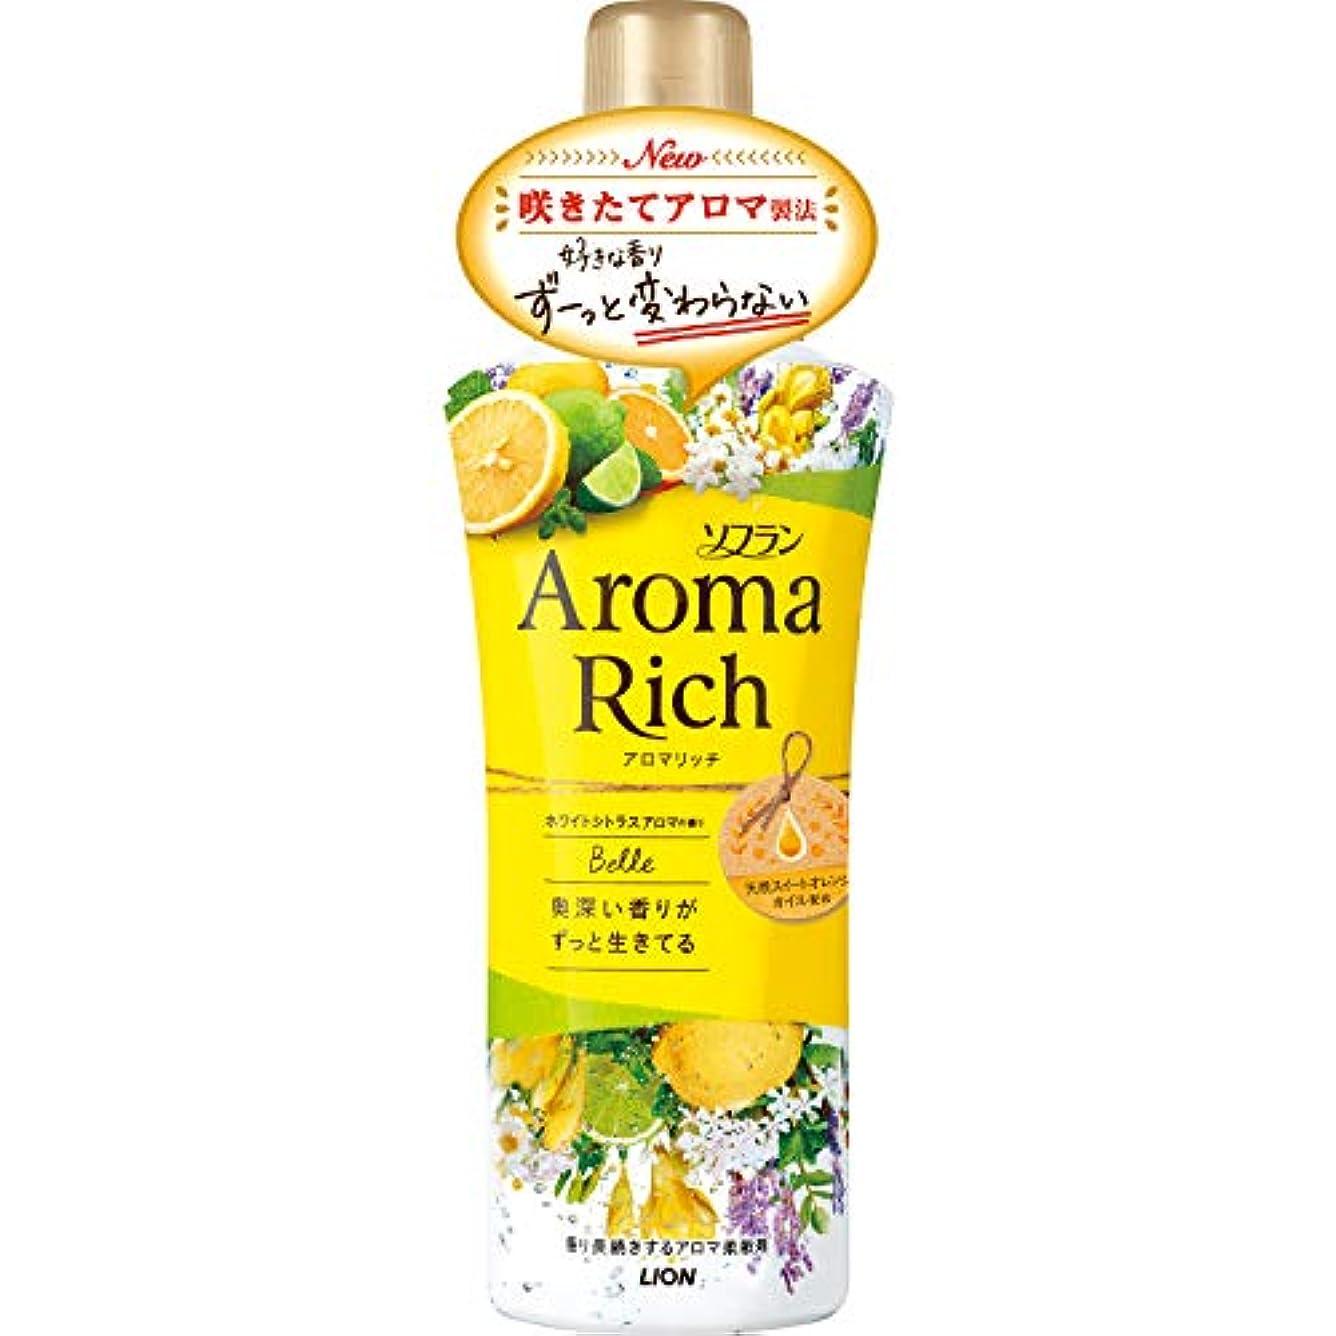 変わる俳優ツールソフラン アロマリッチ 柔軟剤 ベル(ホワイトシトラスアロマの香り) 本体 520ml